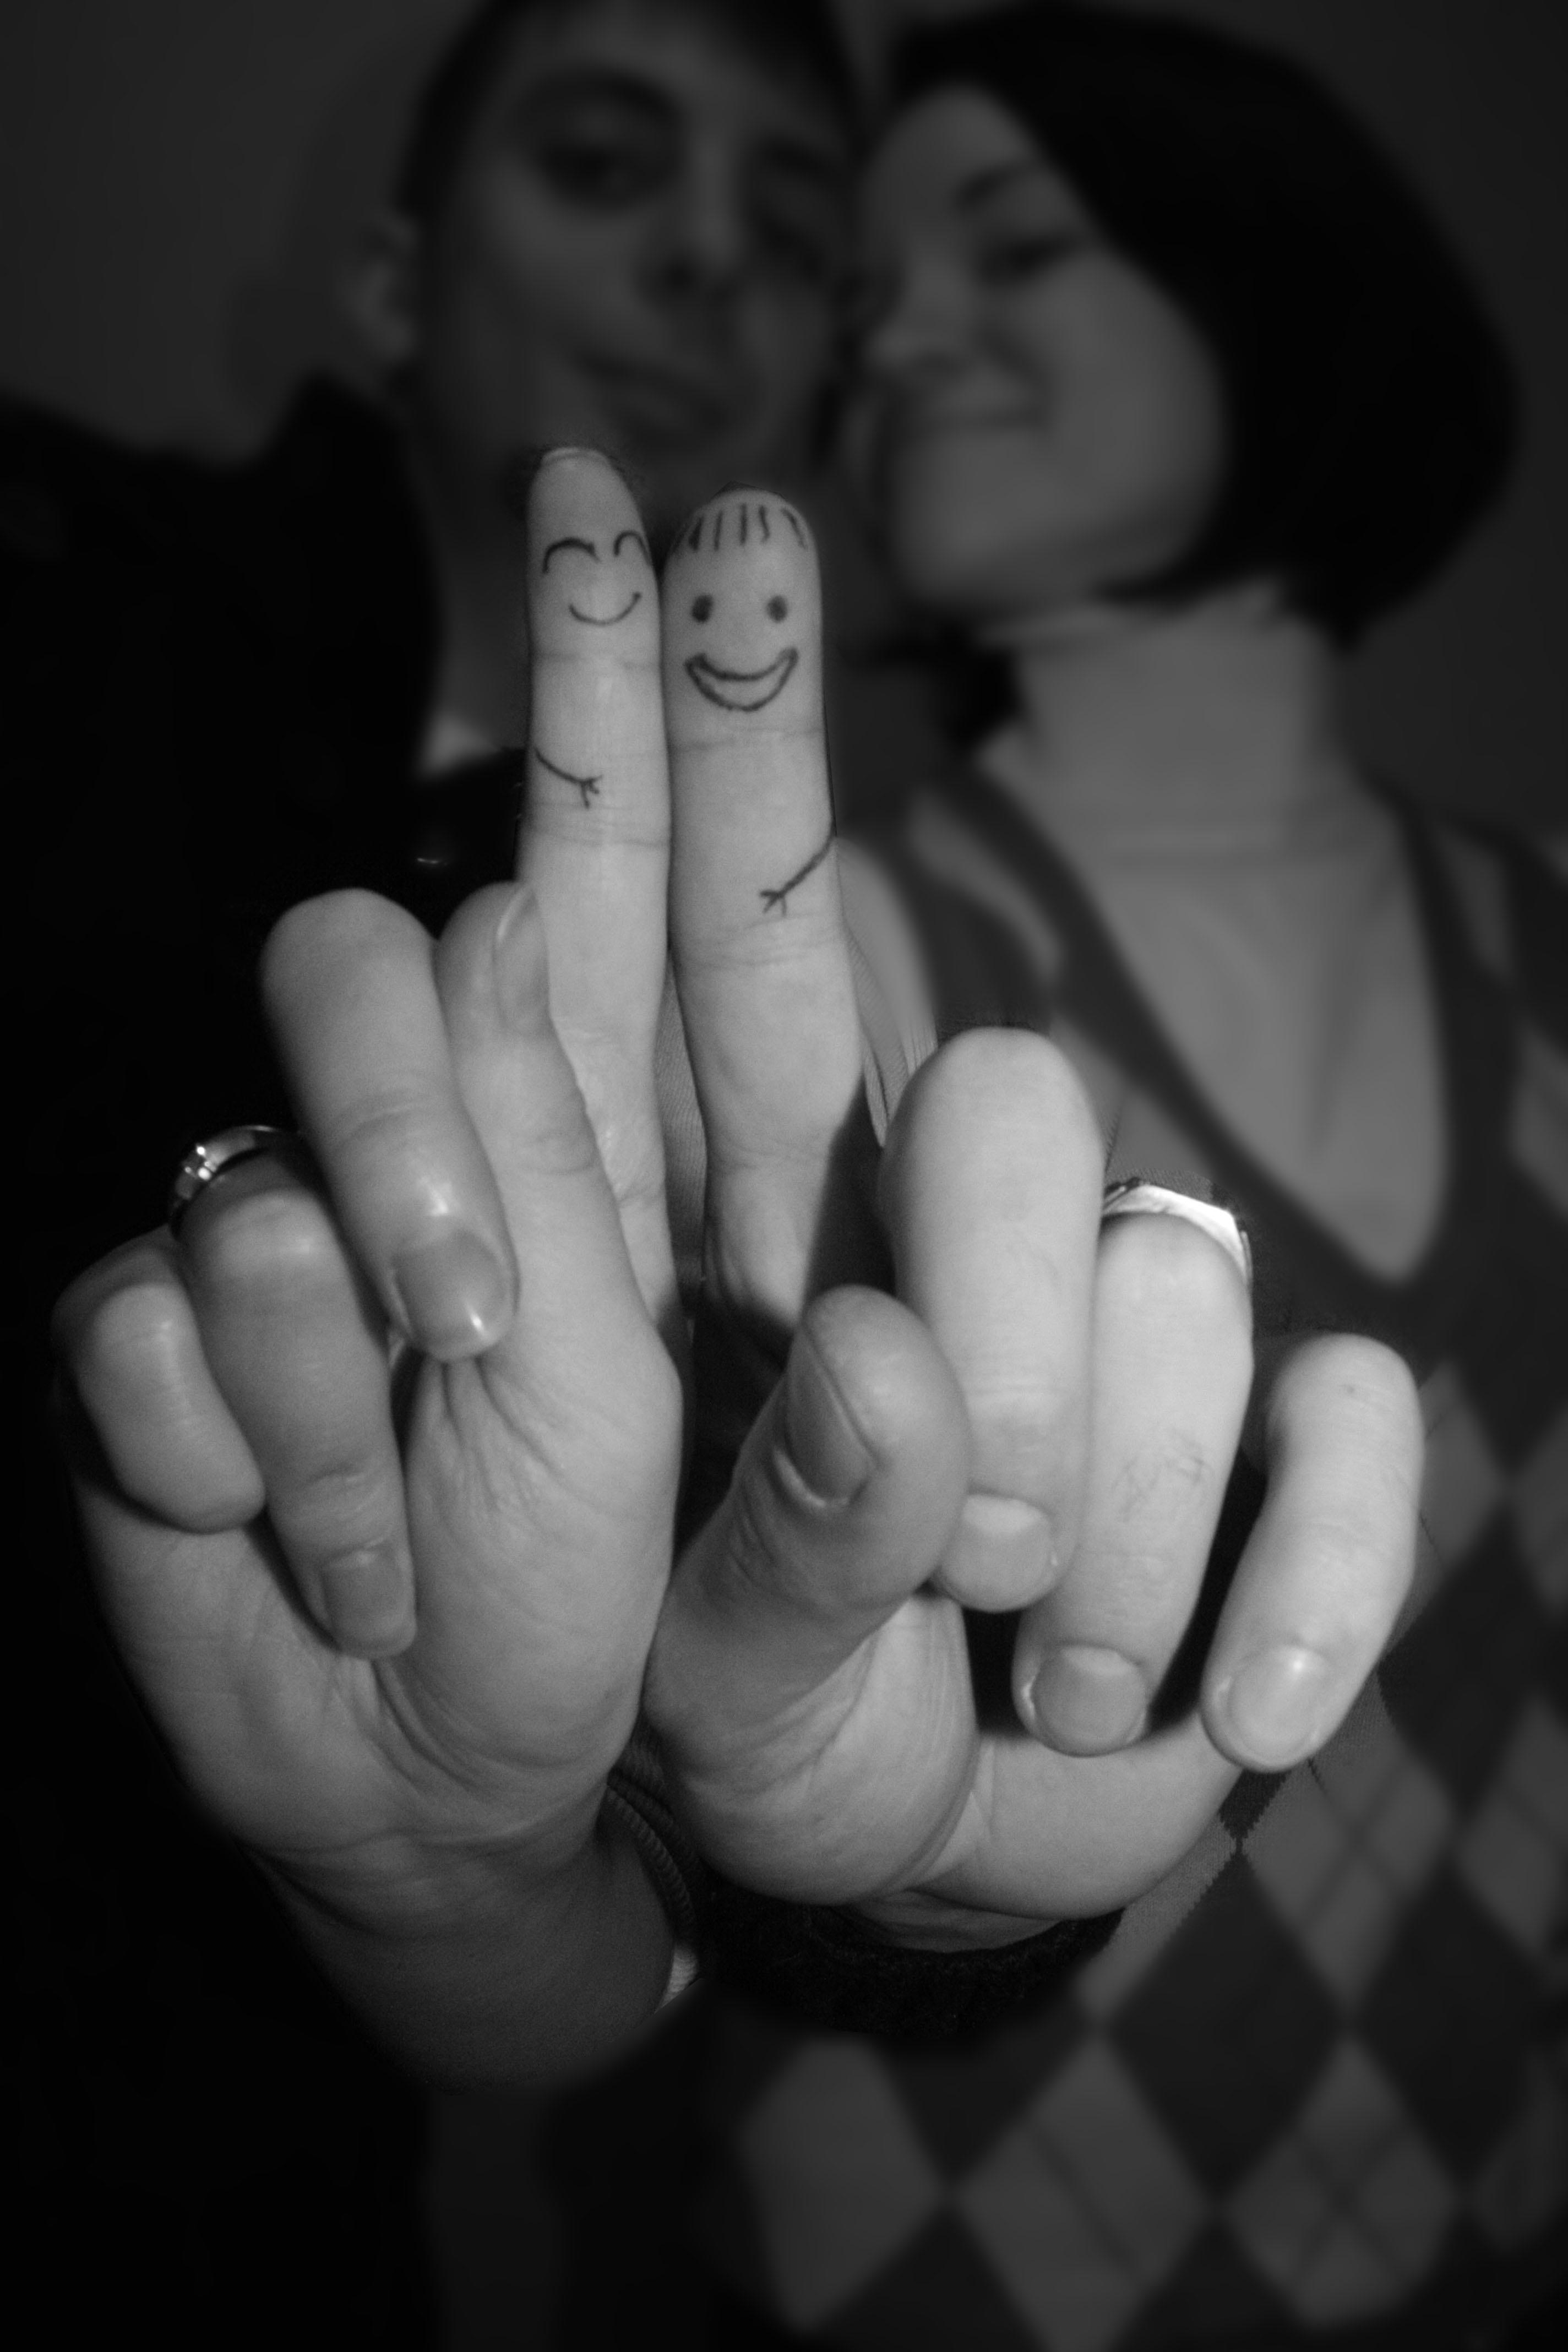 couple-1209397